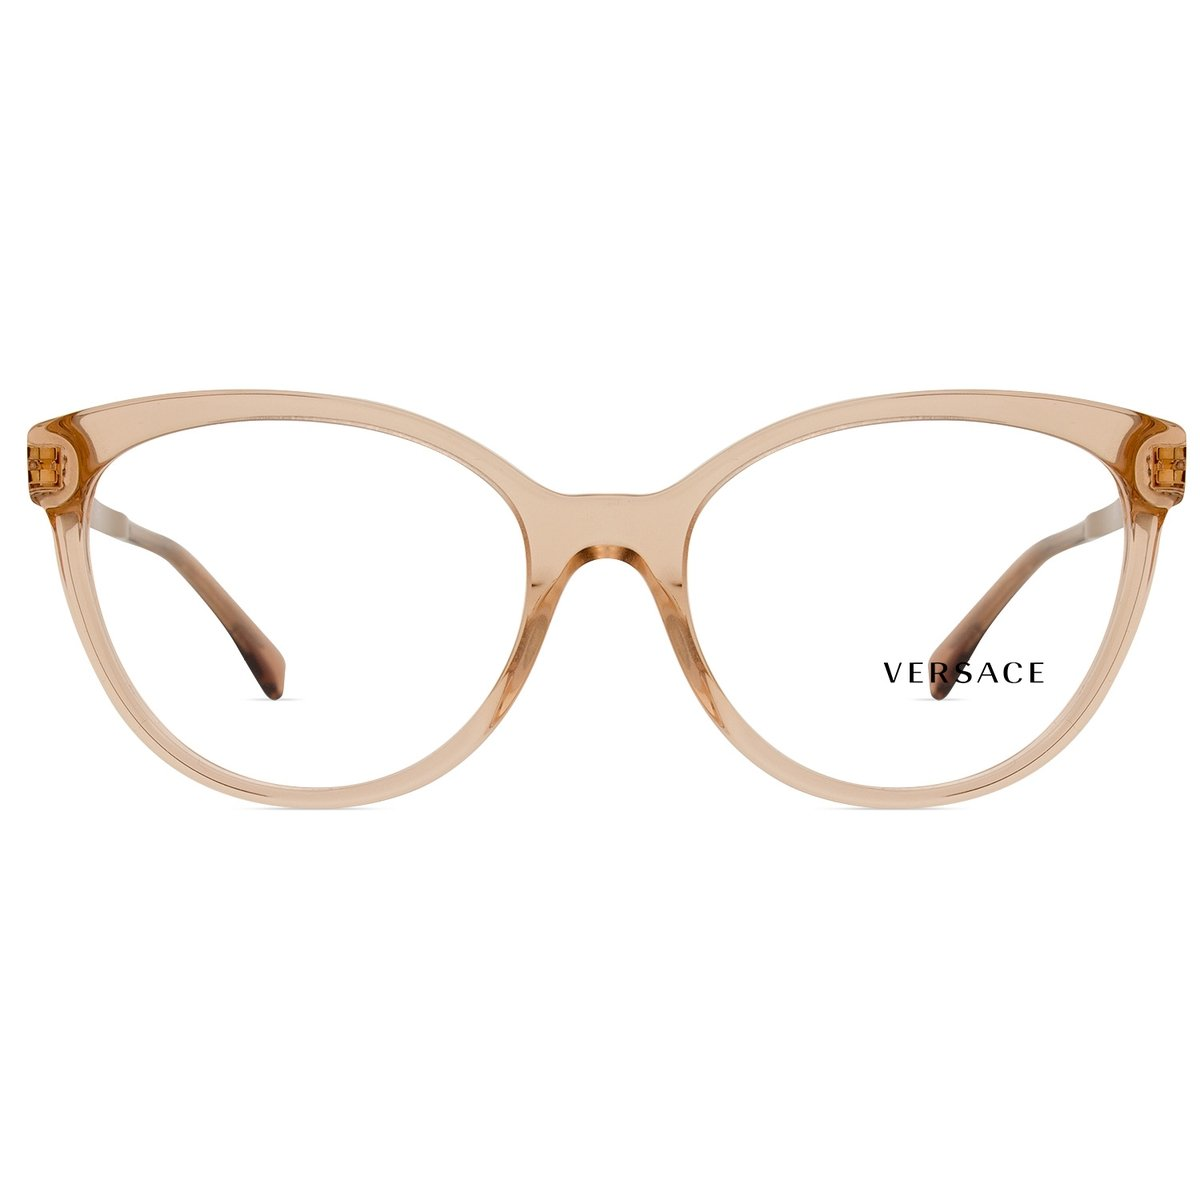 Armação Óculos de Grau Versace VE3237 5215-54 - Compre Agora   Zattini ae460f5f00